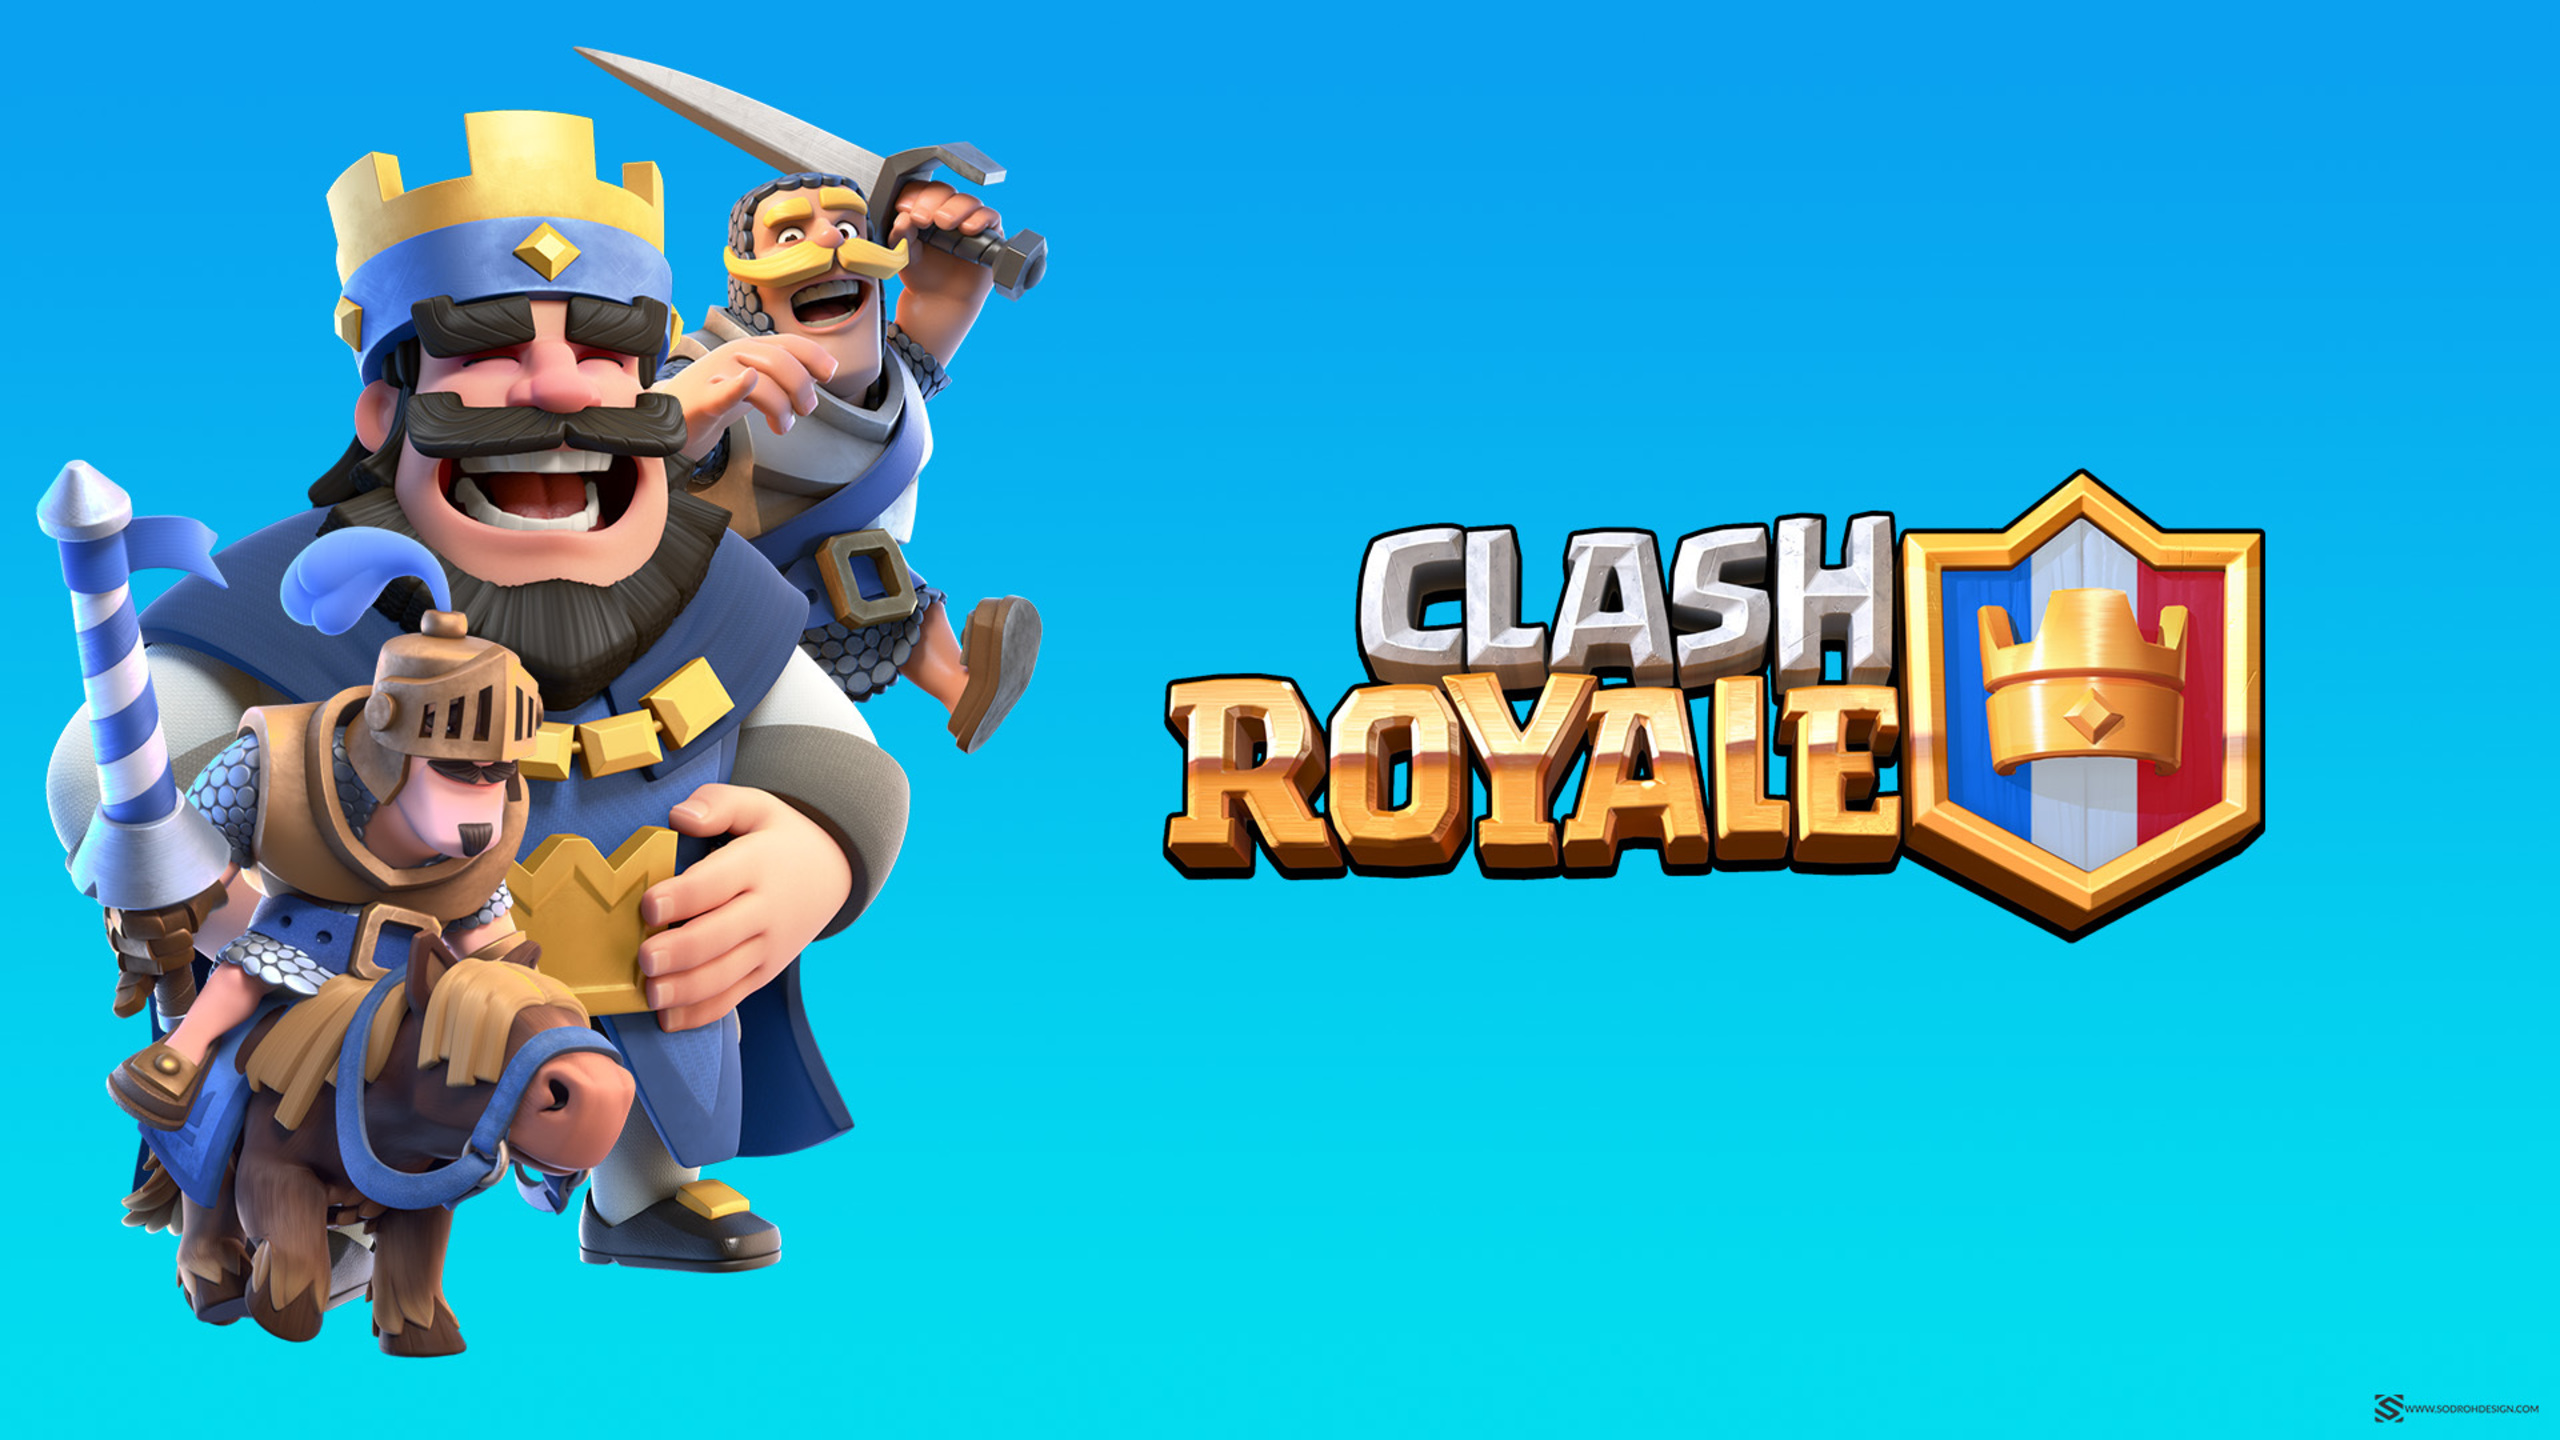 2560x1440 clash royale desktop 1440p resolution hd 4k wallpapers images backgrounds photos - Clash royale 2560x1440 ...